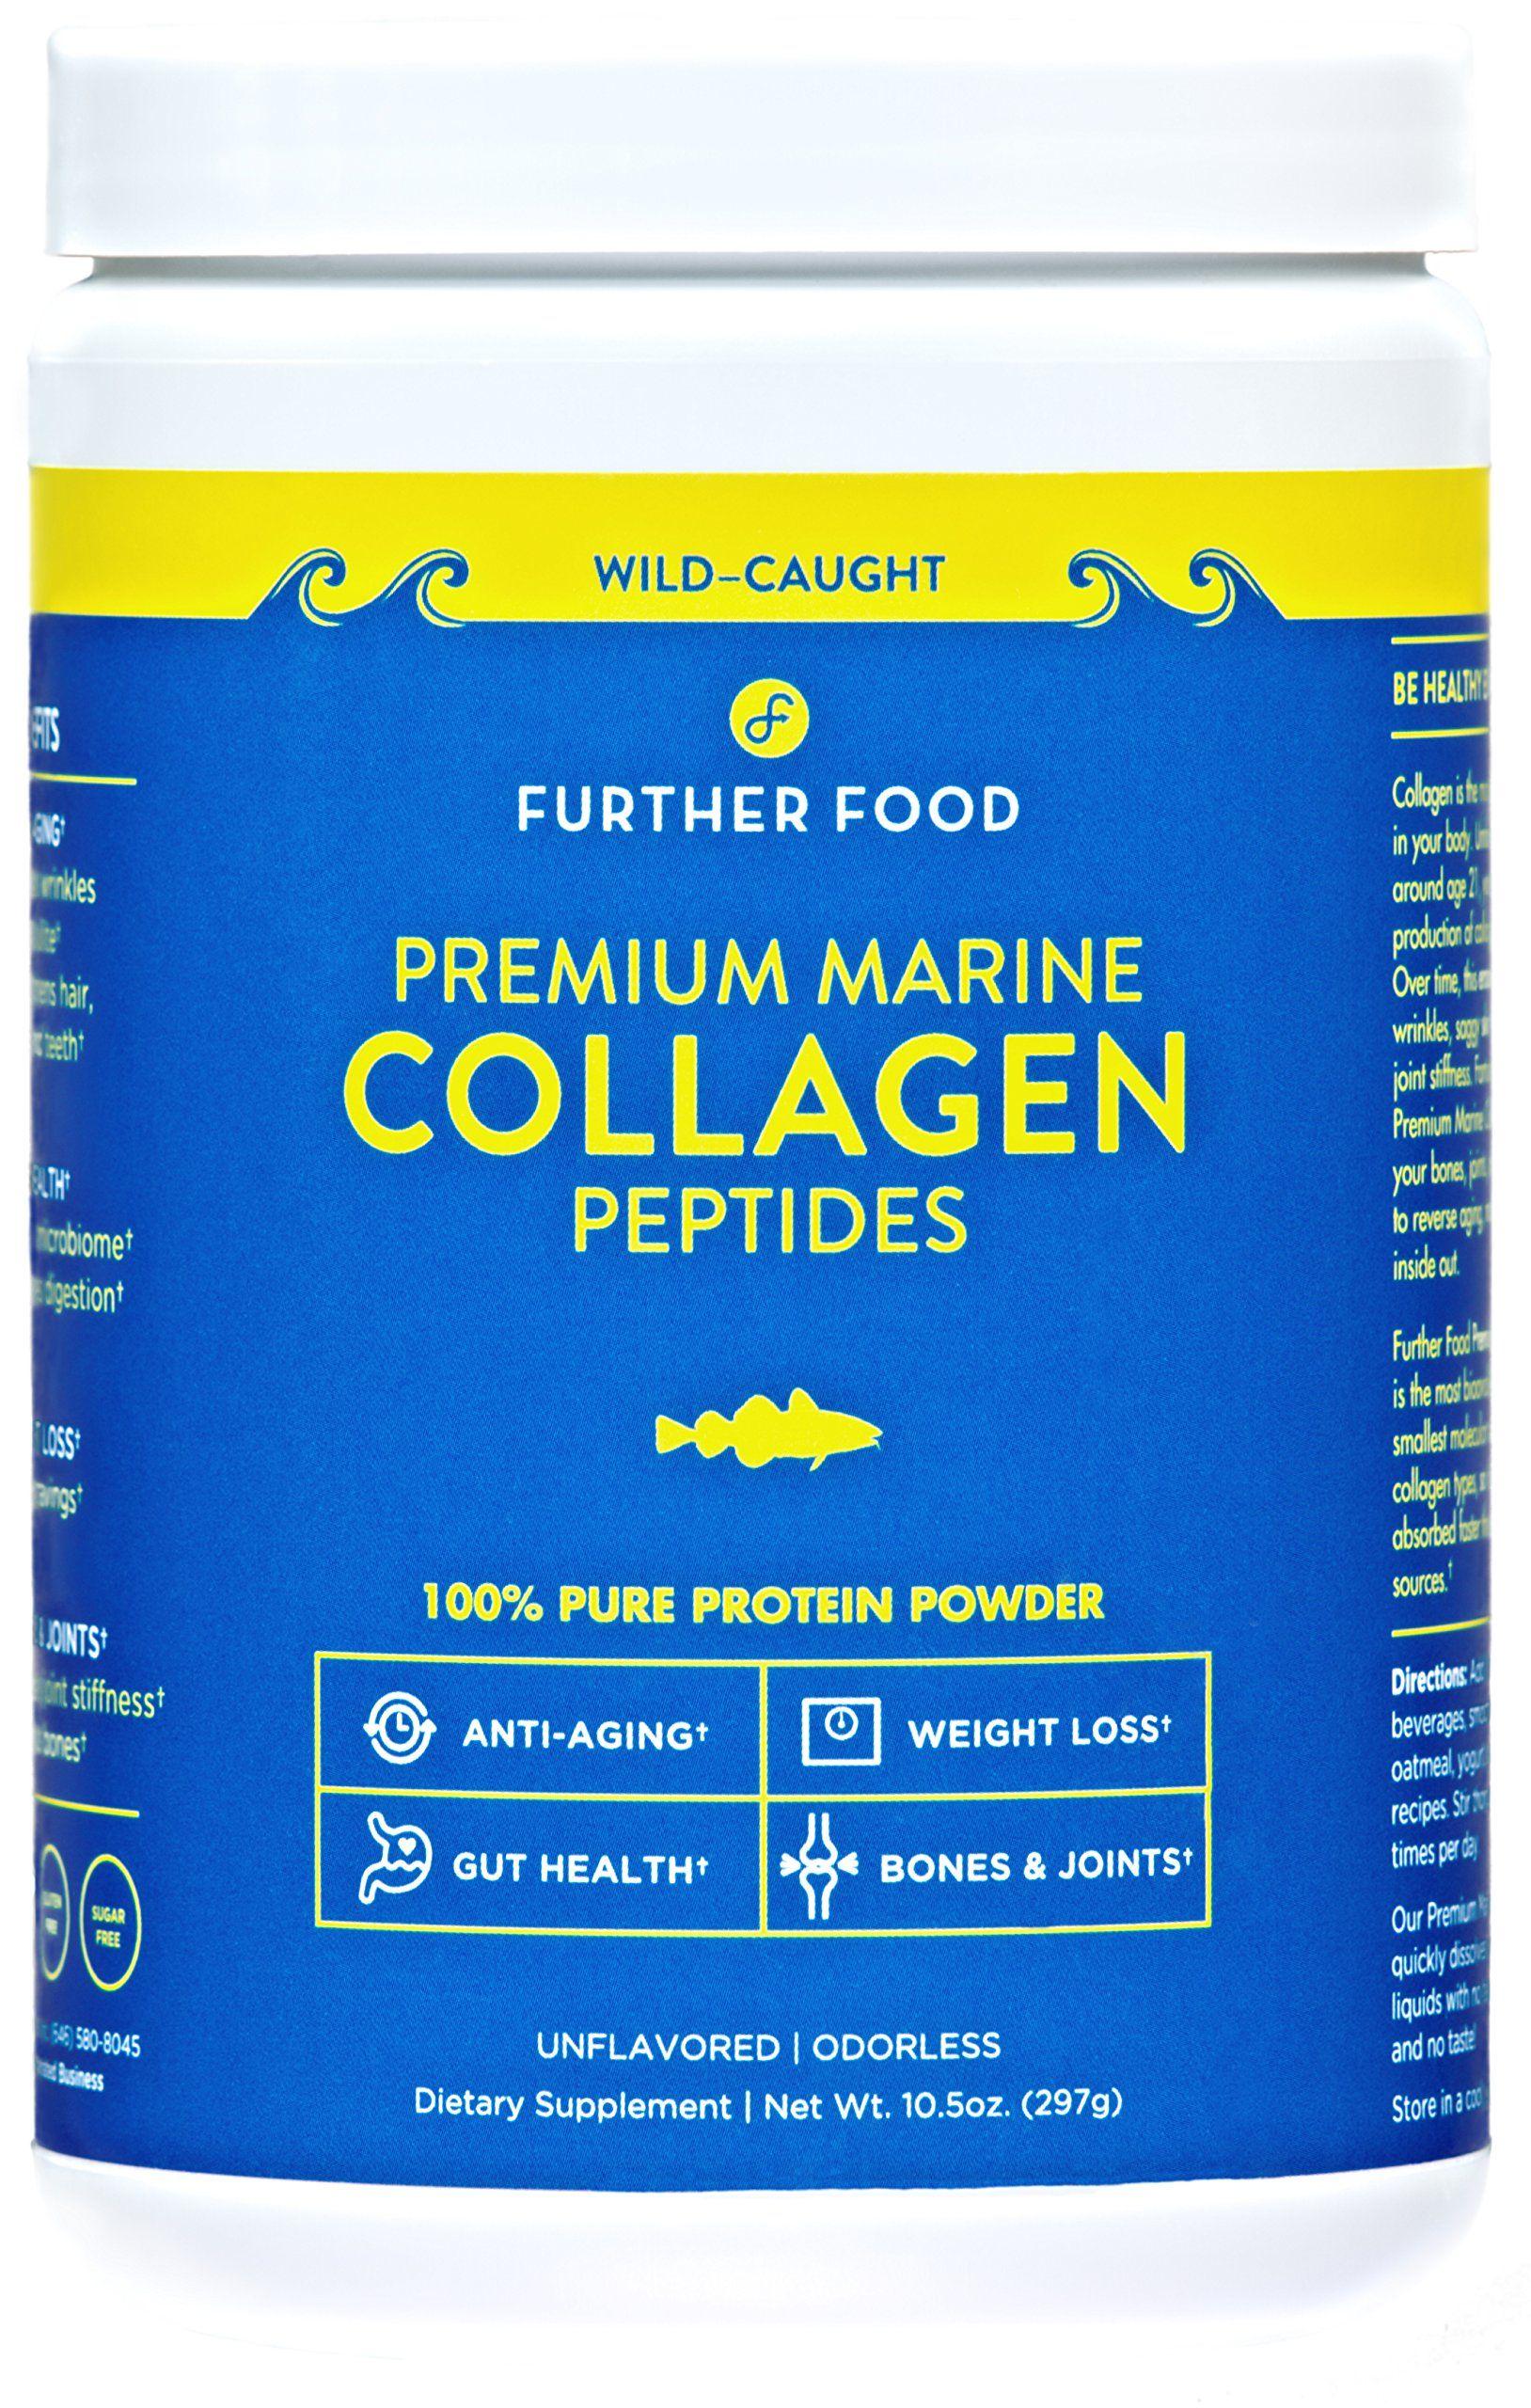 Further Food Premium Marine Collagen Peptides Protein Powder Wild Caught Non Gmo Paleo Collagen Peptides Hydrolyzed Collagen Powder Collagen Protein Powder